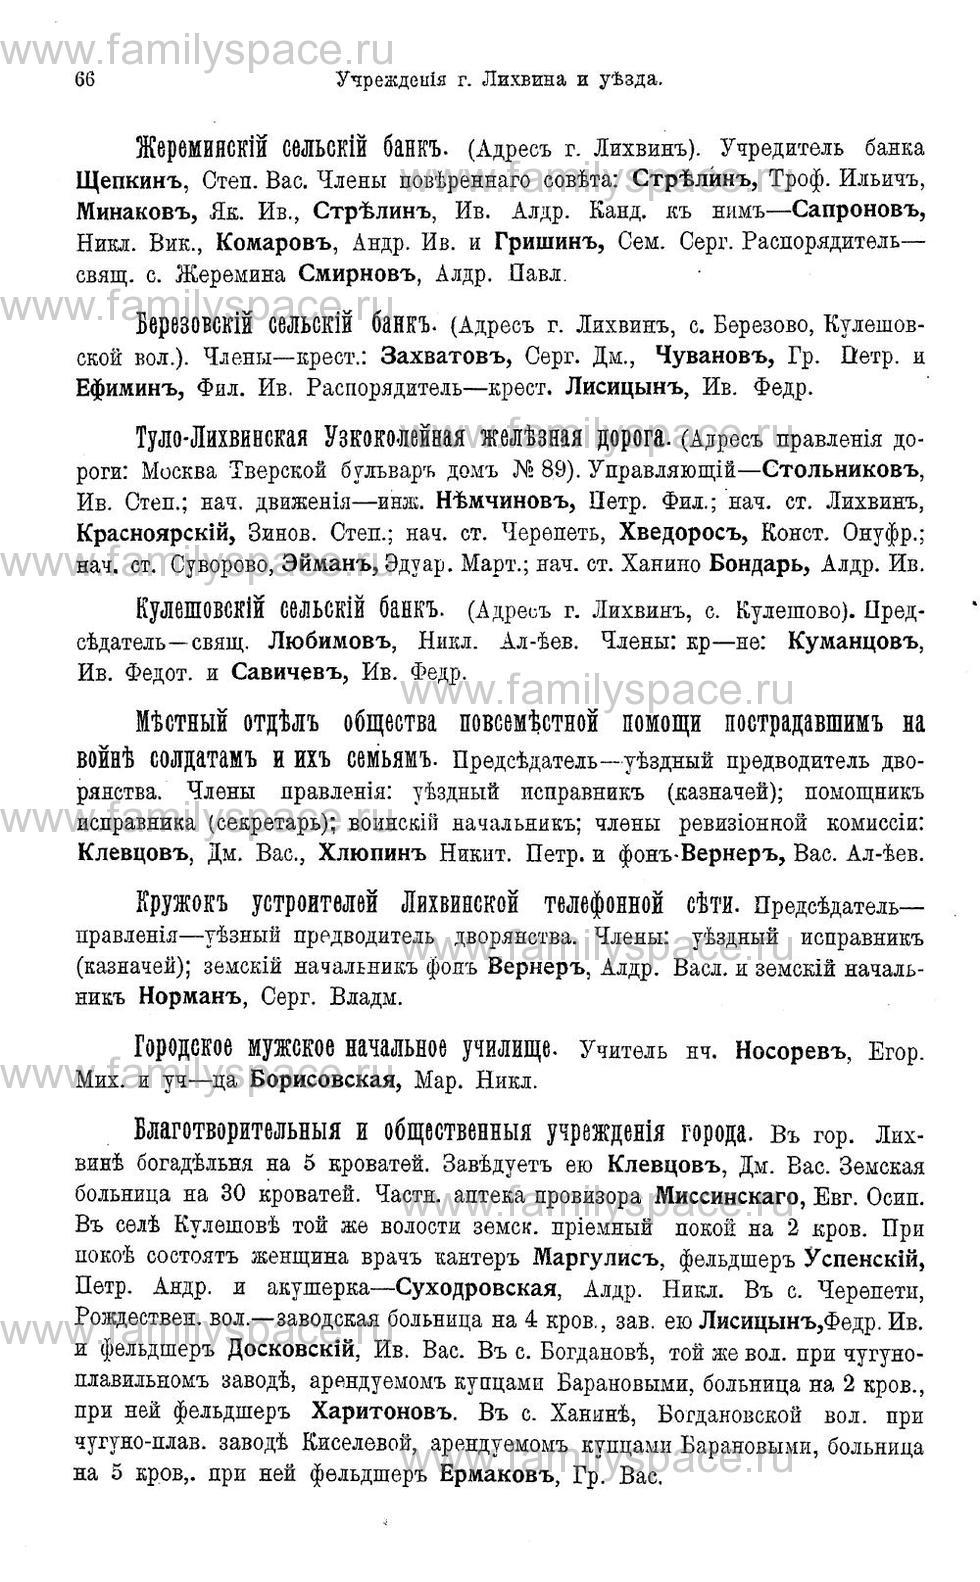 Поиск по фамилии - Памятная книжка и адрес-календарь Калужской губернии на 1911 год, страница 2066